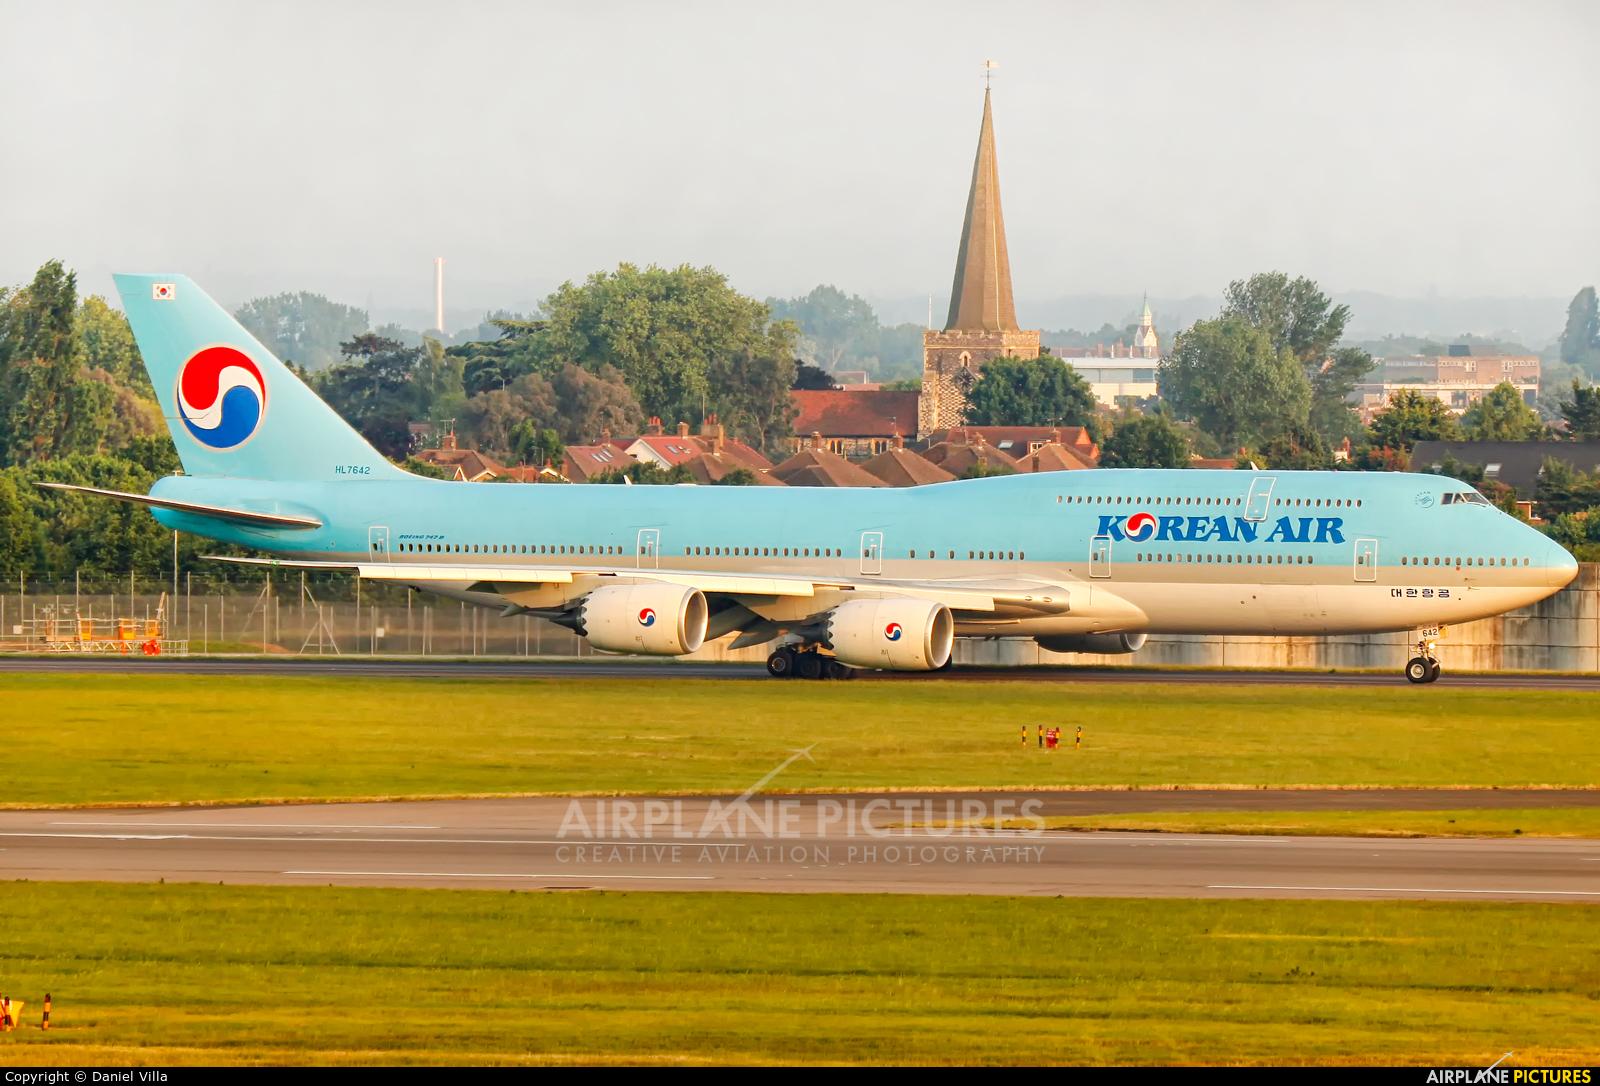 Korean Air HL7642 aircraft at London - Heathrow